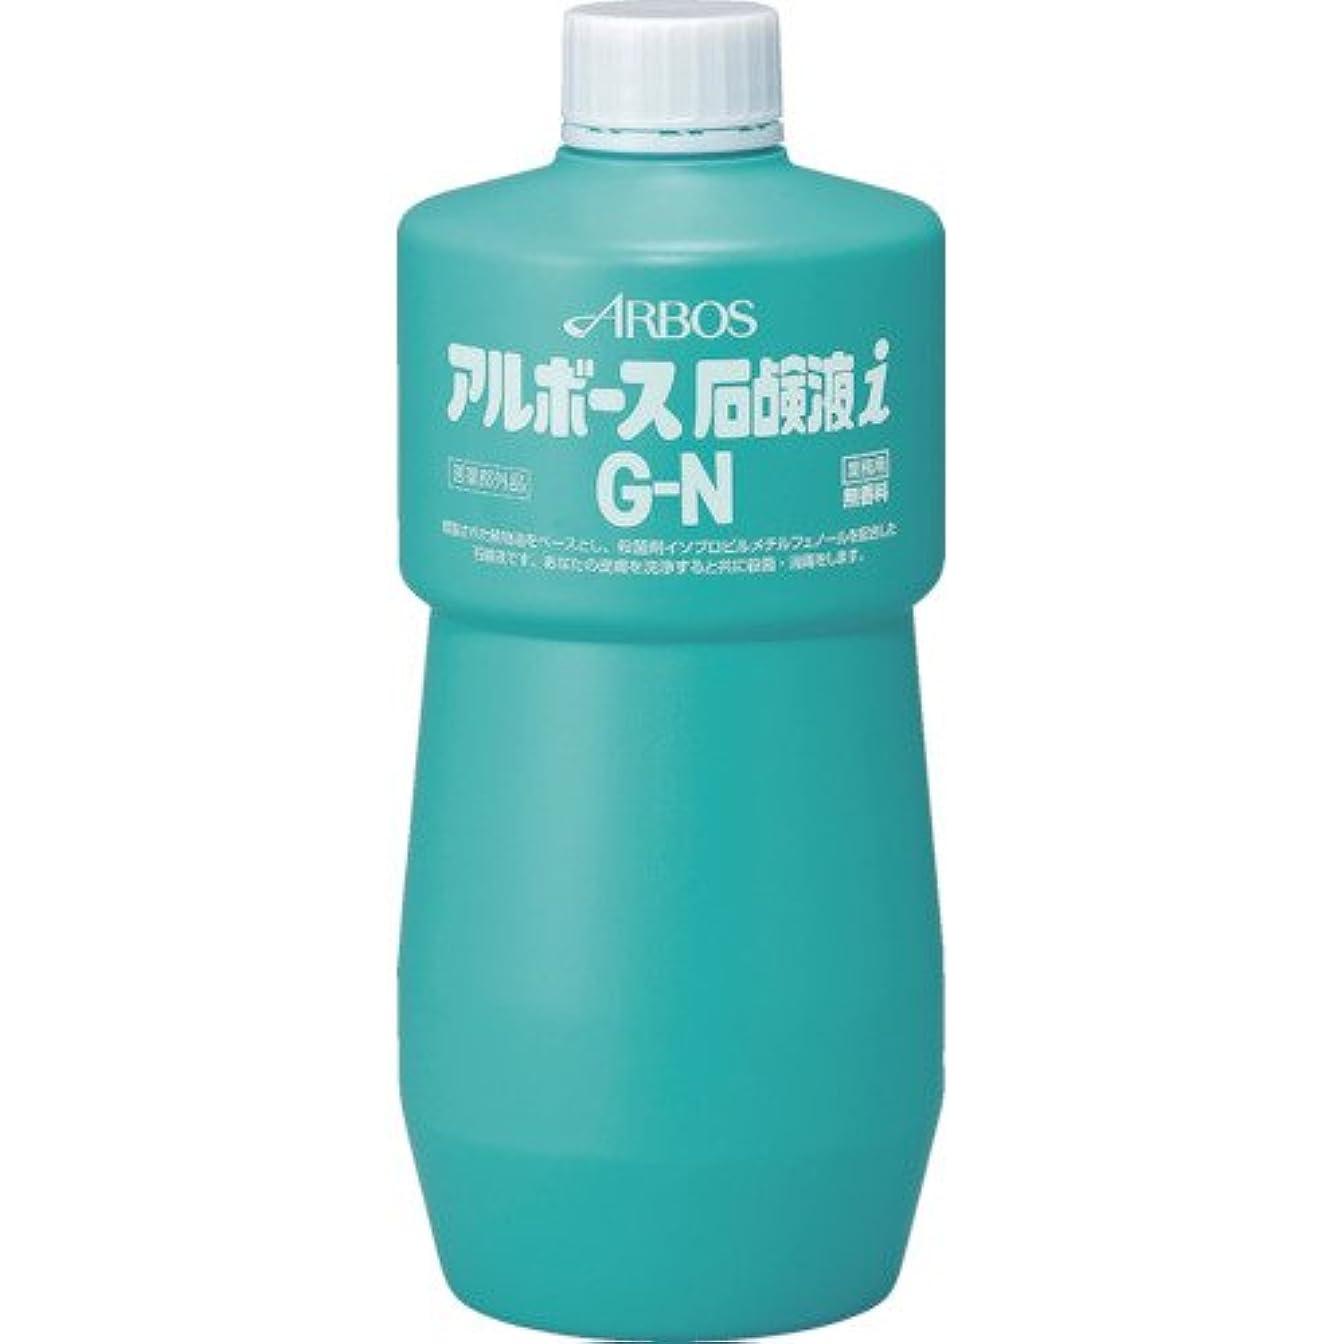 カップル寄り添うタフアルボース石鹸液iGN 1G [医薬部外品]